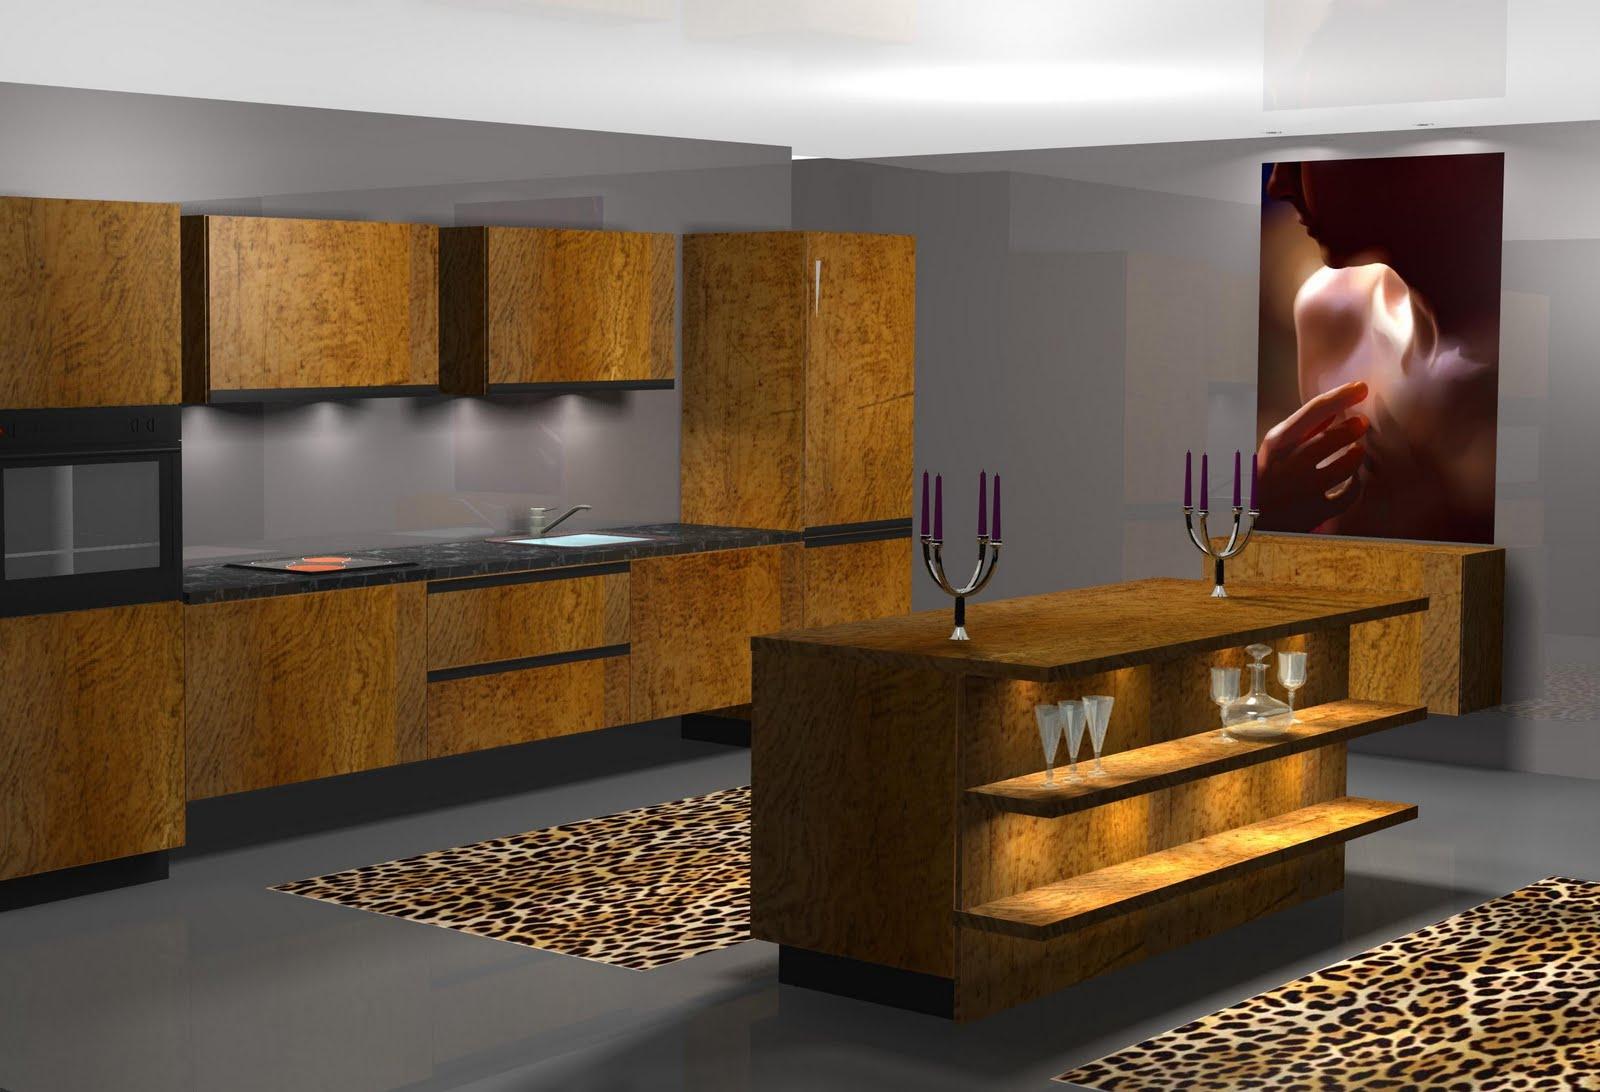 Dise o de interiores dise o de muebles de cocina for Diseno muebles para cocina